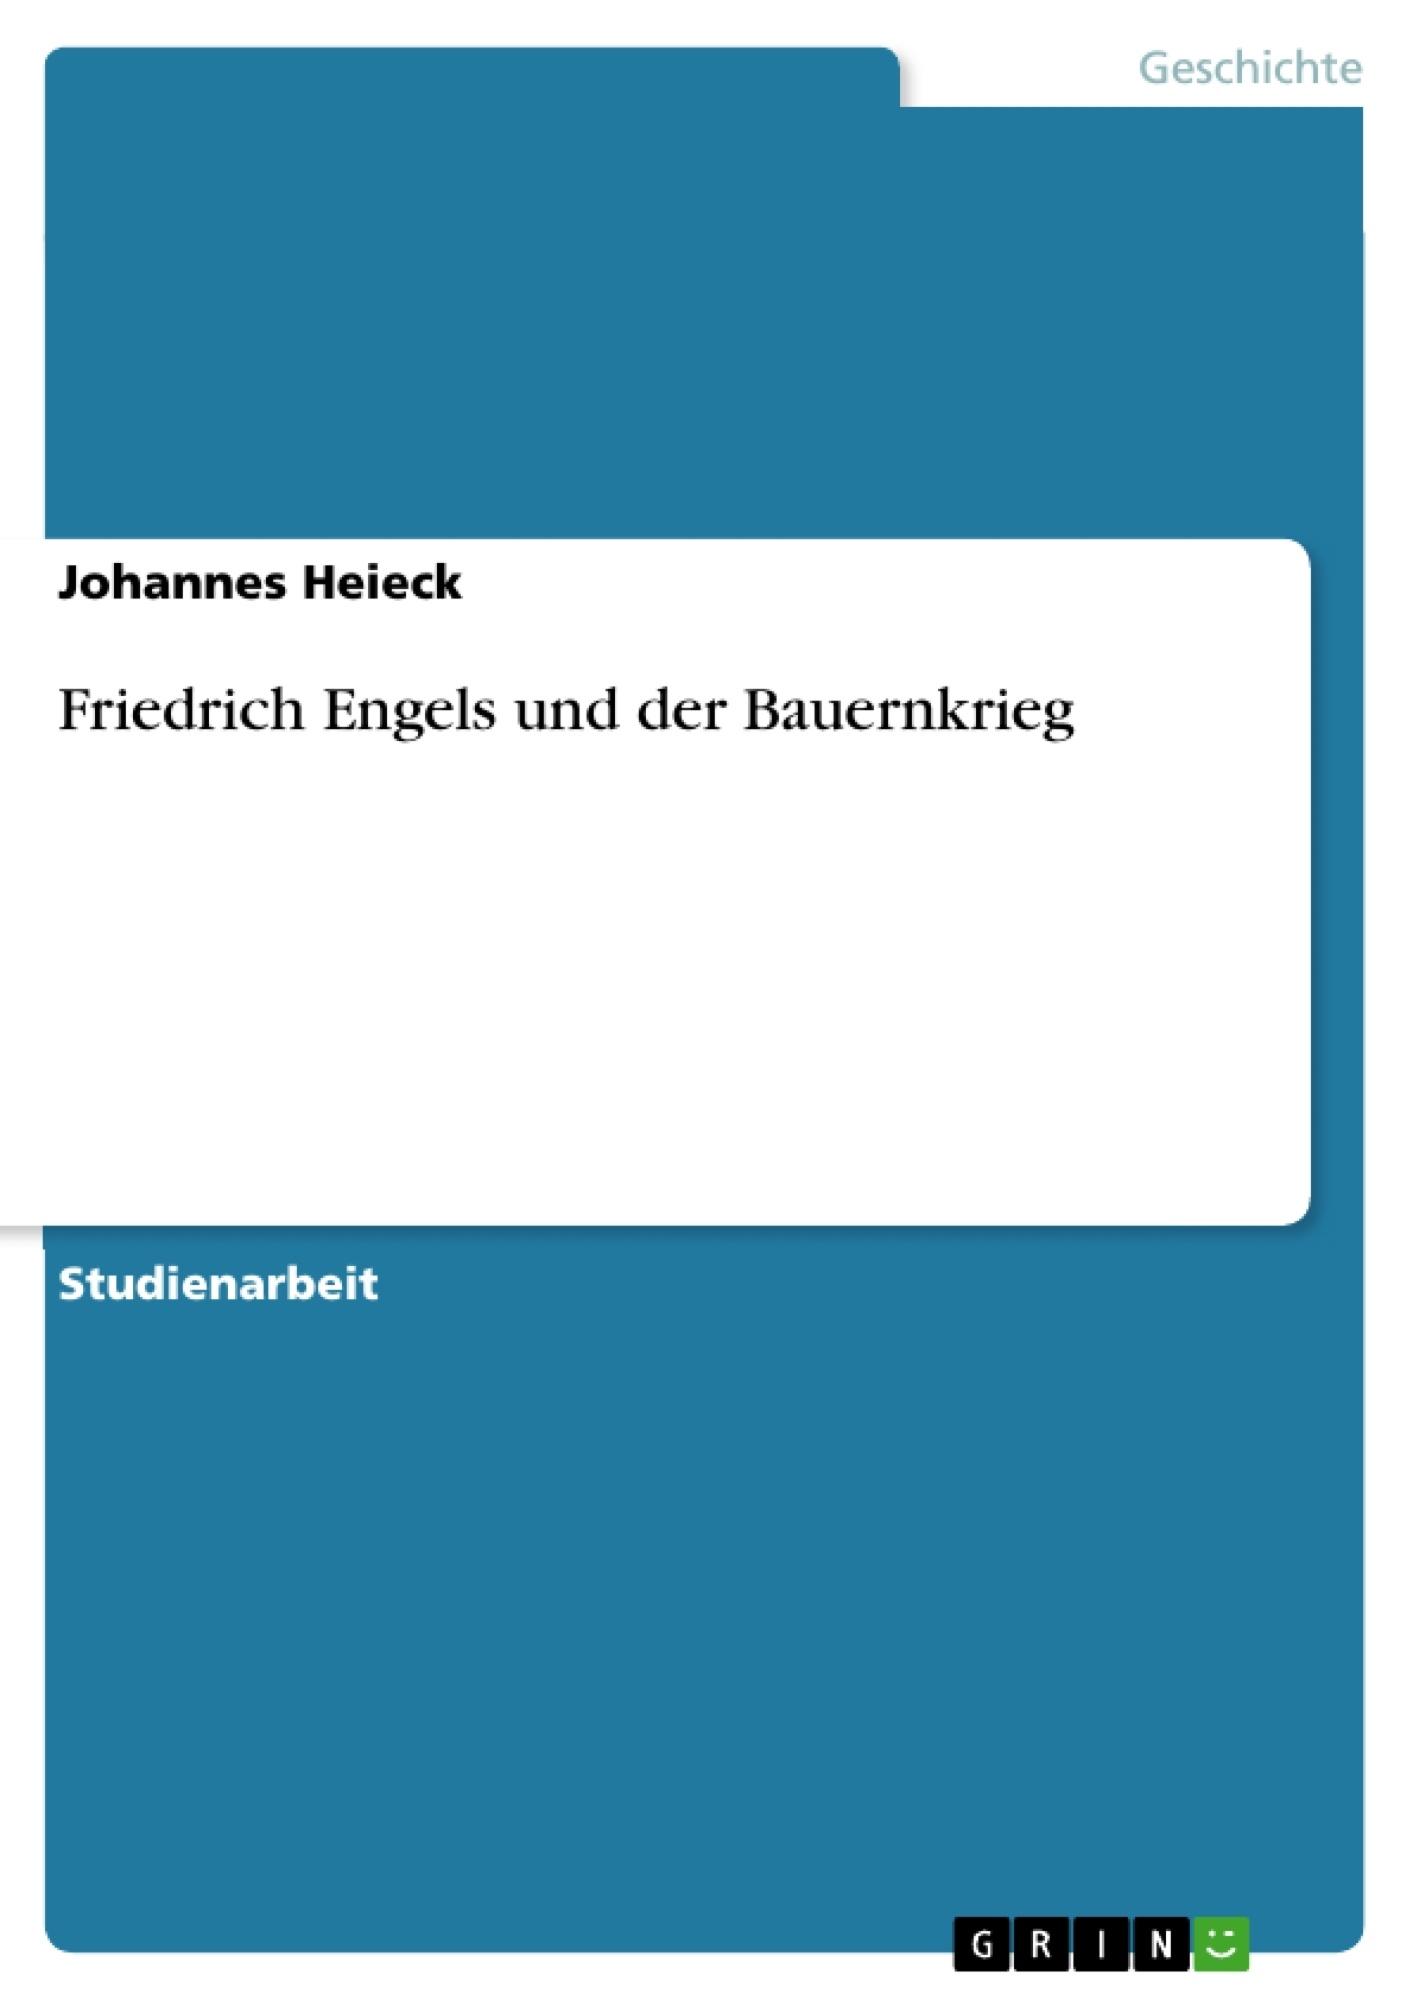 Titel: Friedrich Engels und der Bauernkrieg